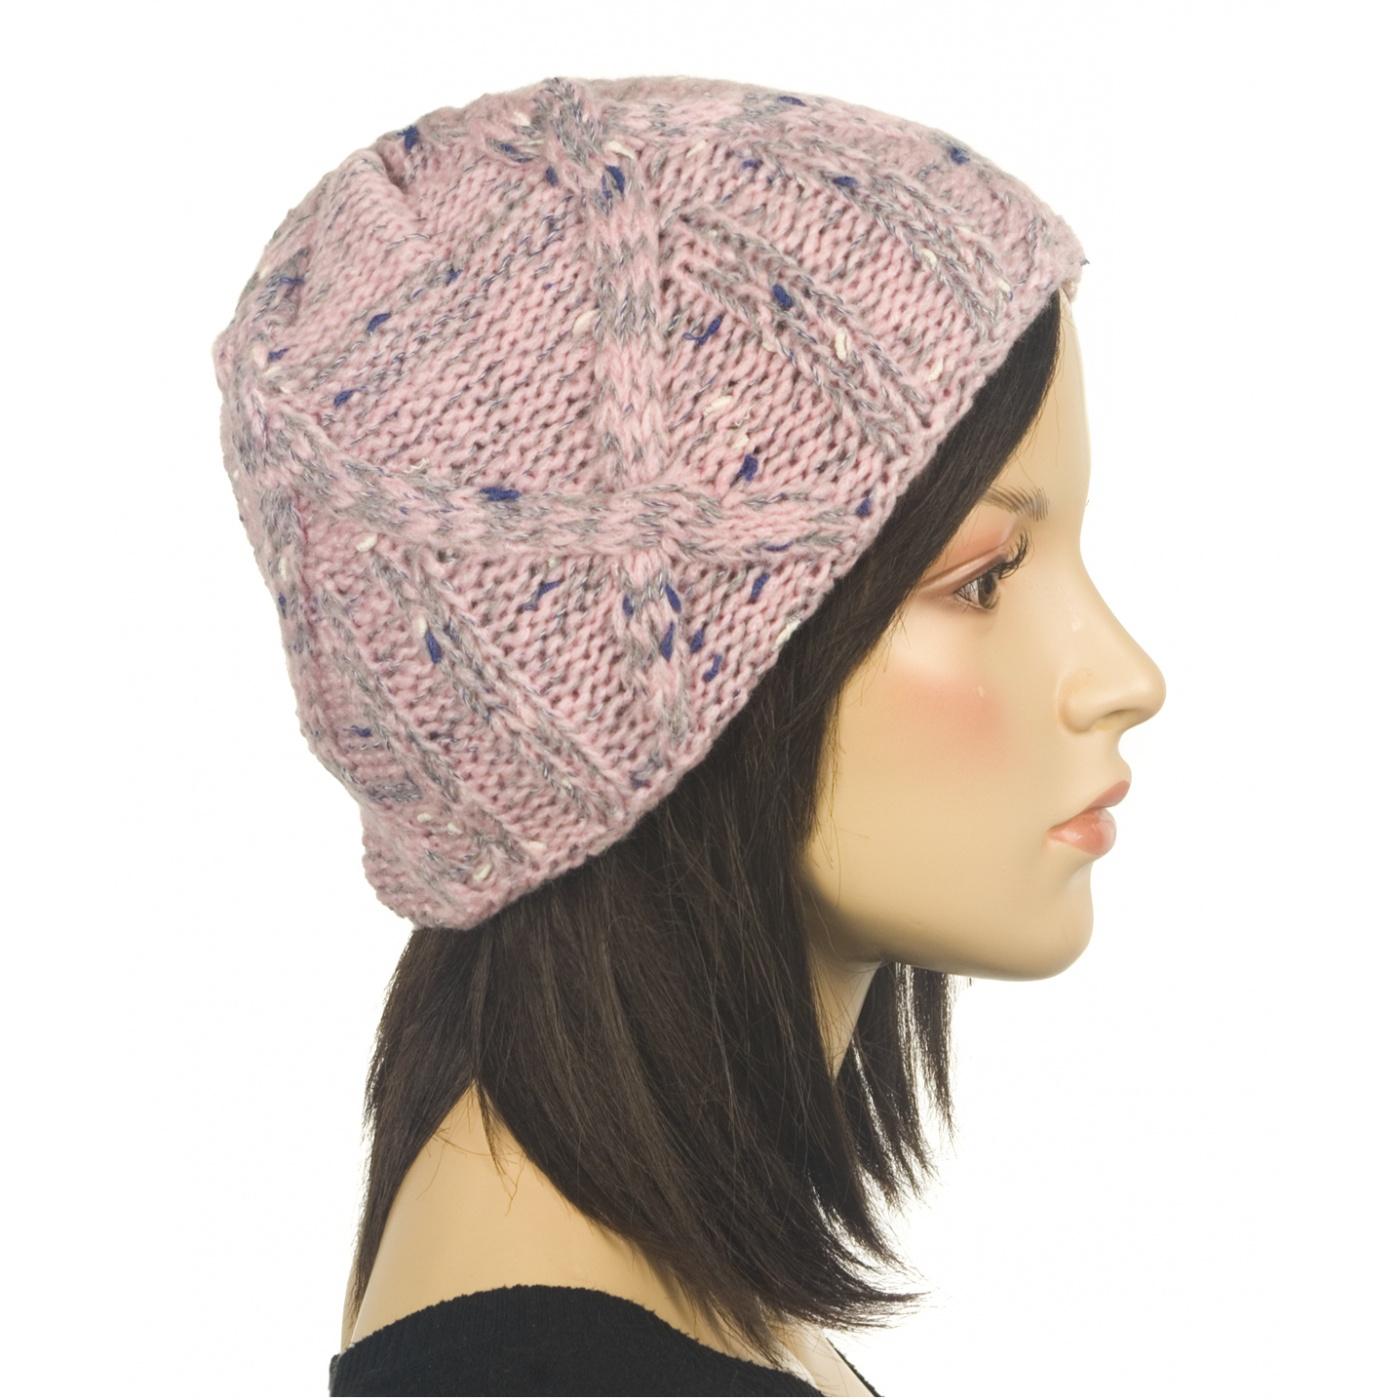 Ciepła czapka damska - popielato-różowy melanż